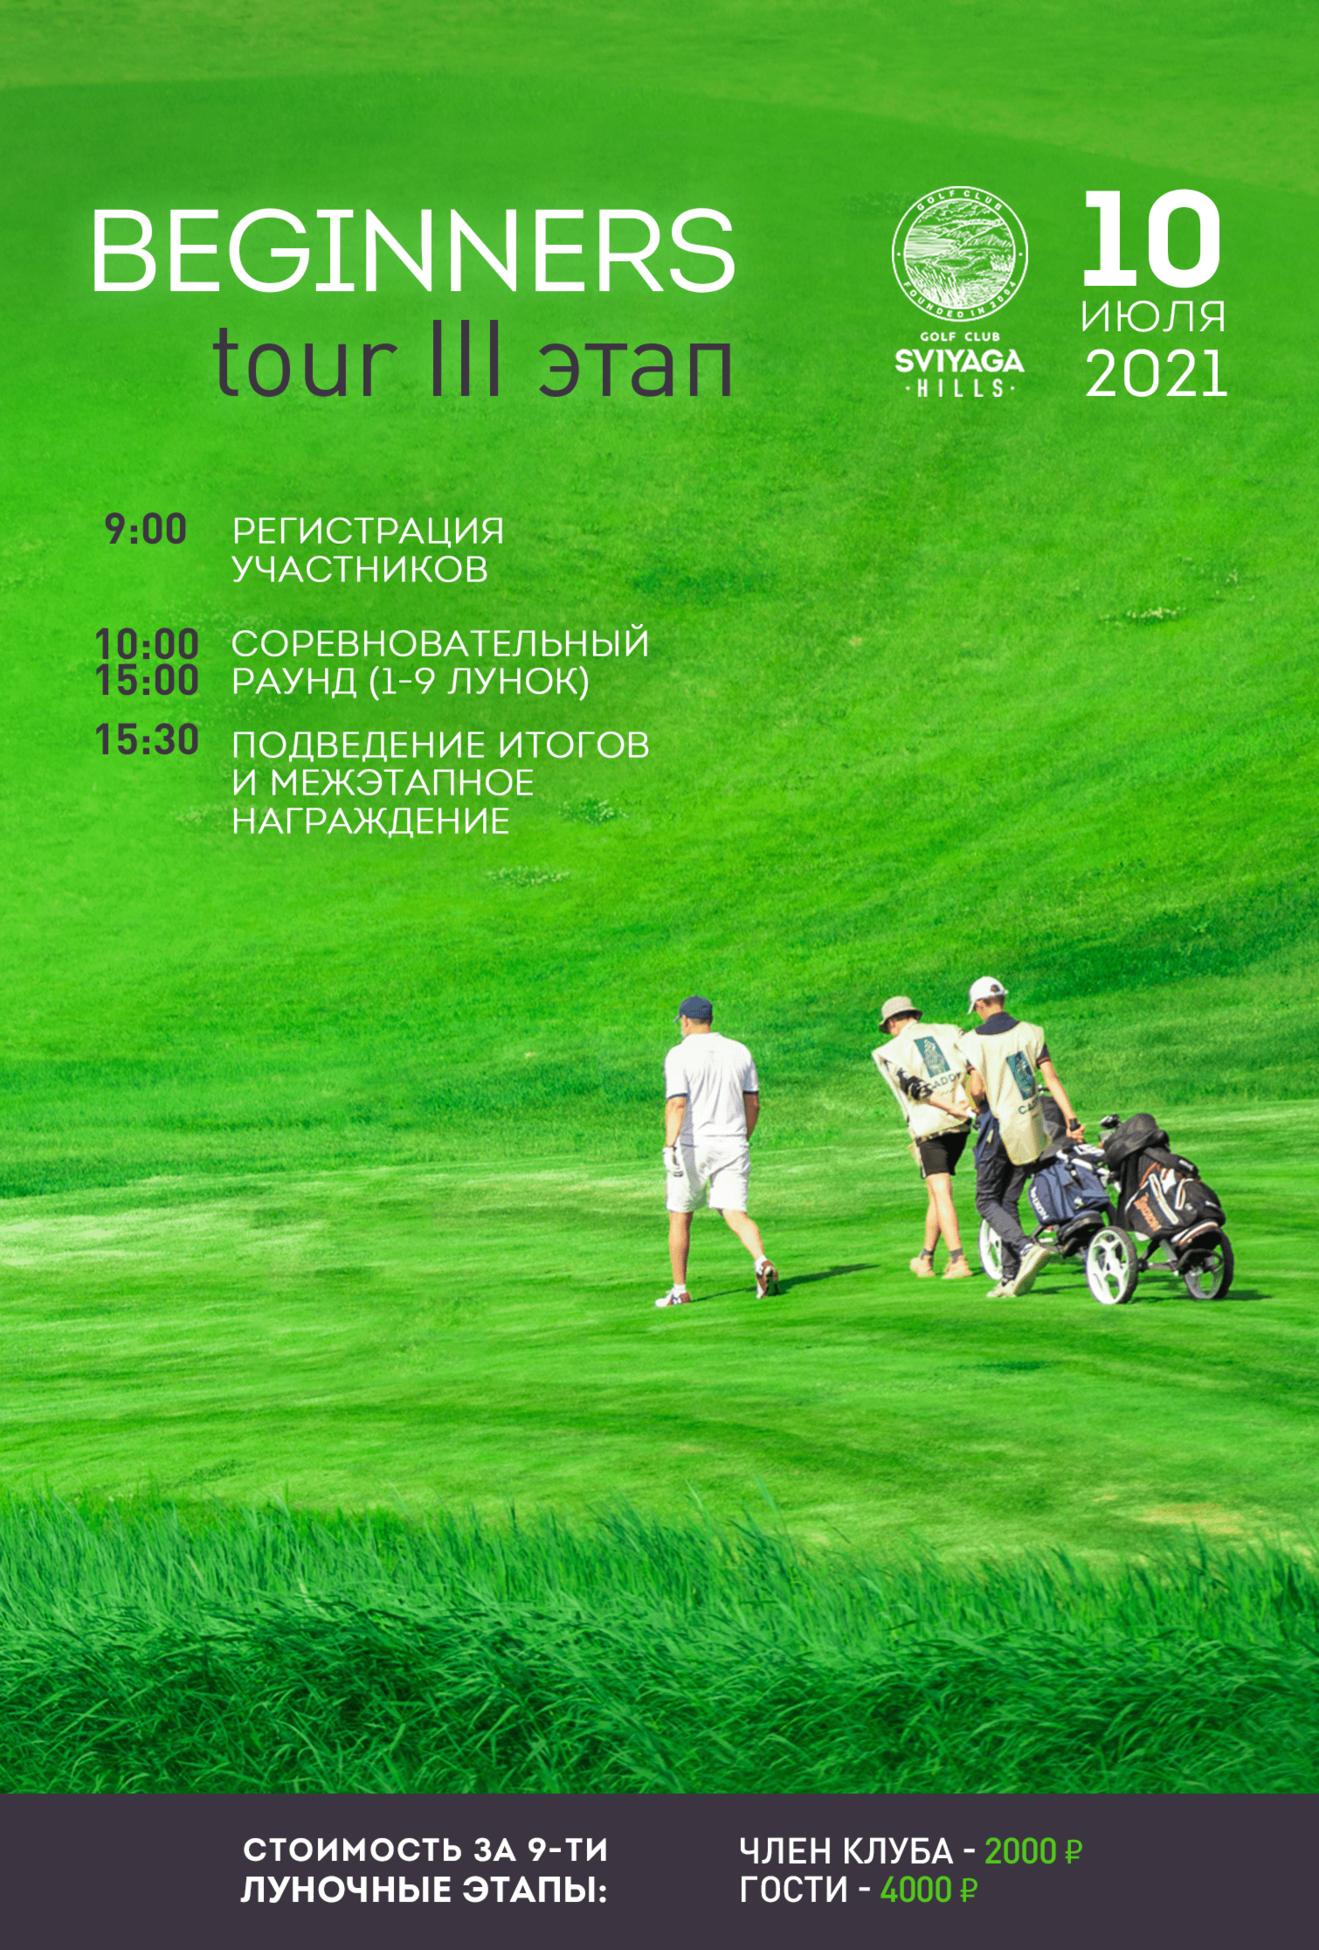 Beginners tour 2021. Этап 3